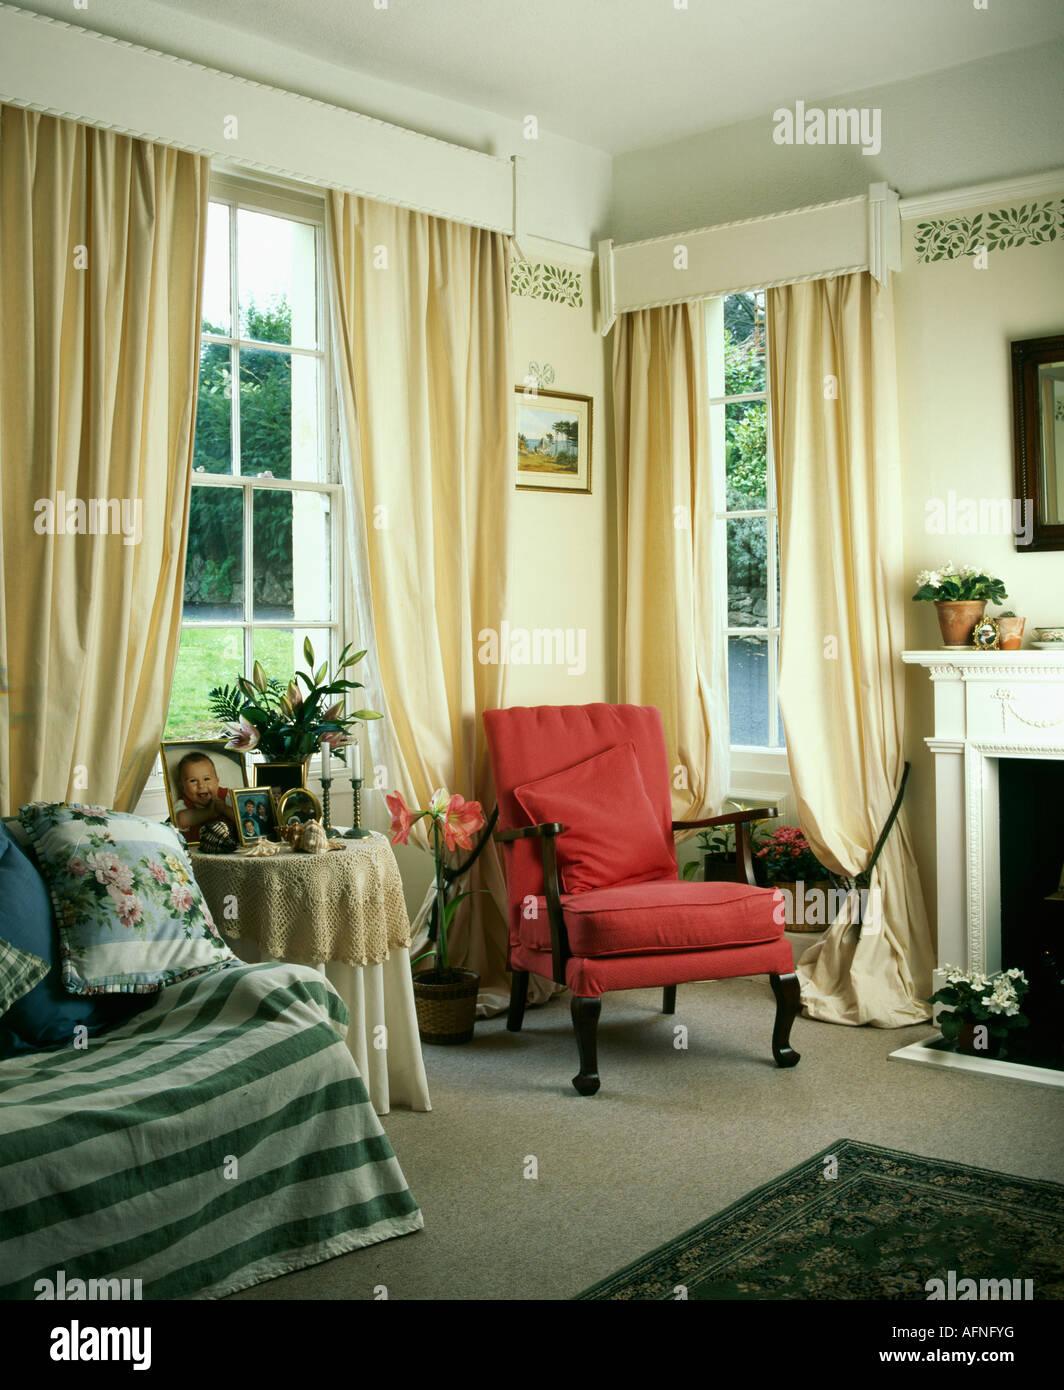 fauteuil rouge et cr me avec des rideaux cantonni res en bois blanc en 90 salle de s jour banque. Black Bedroom Furniture Sets. Home Design Ideas